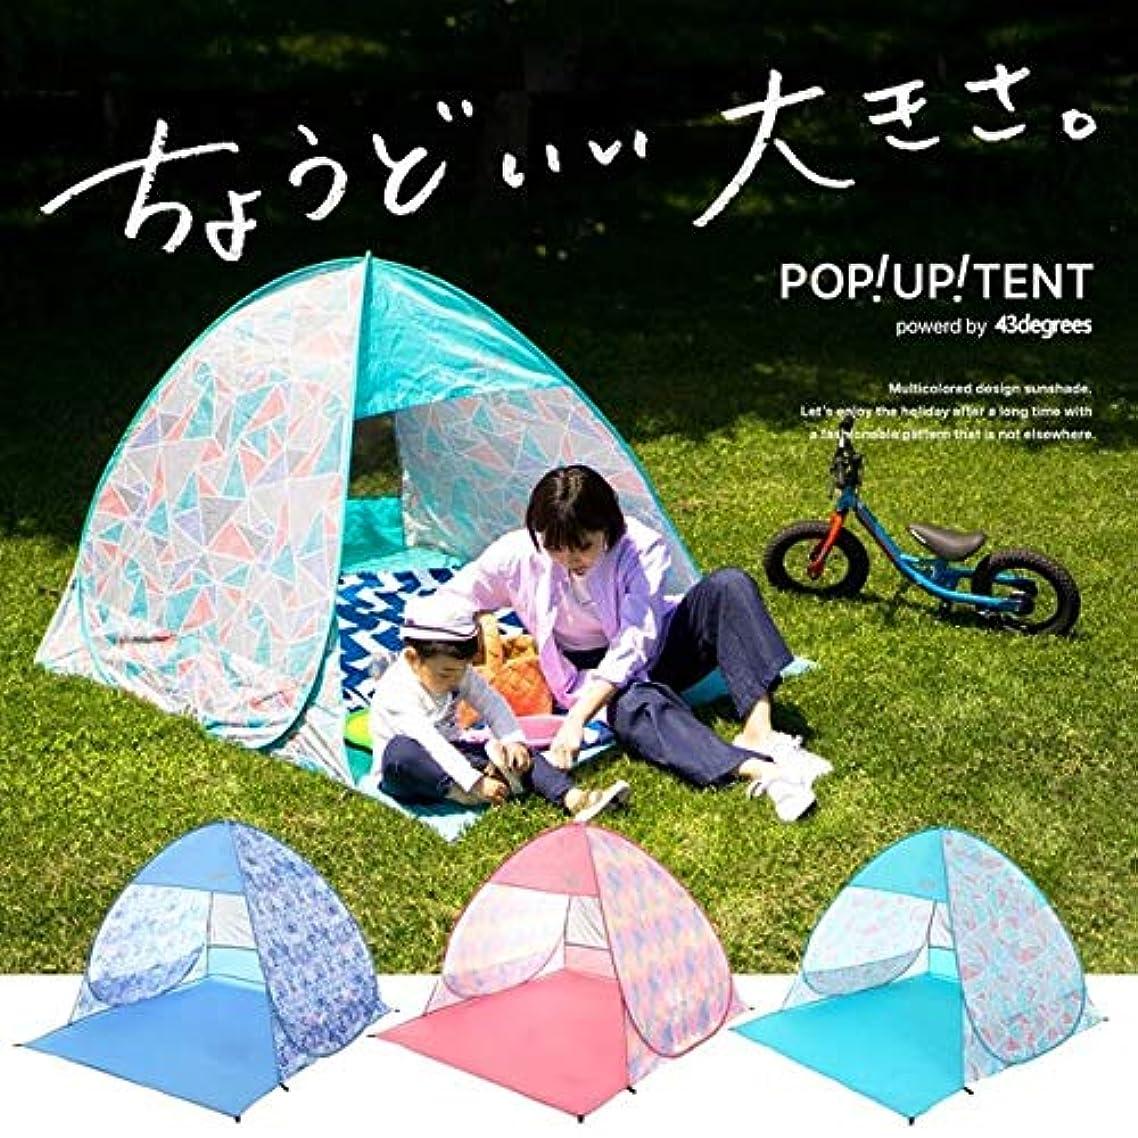 音レイ商人テント 2人用 ワンタッチテント 簡易テント おしゃれ 軽量 UVカット ポップアップ イベント アウトドア サンシェード 海 運動会 ピクニック 一人用